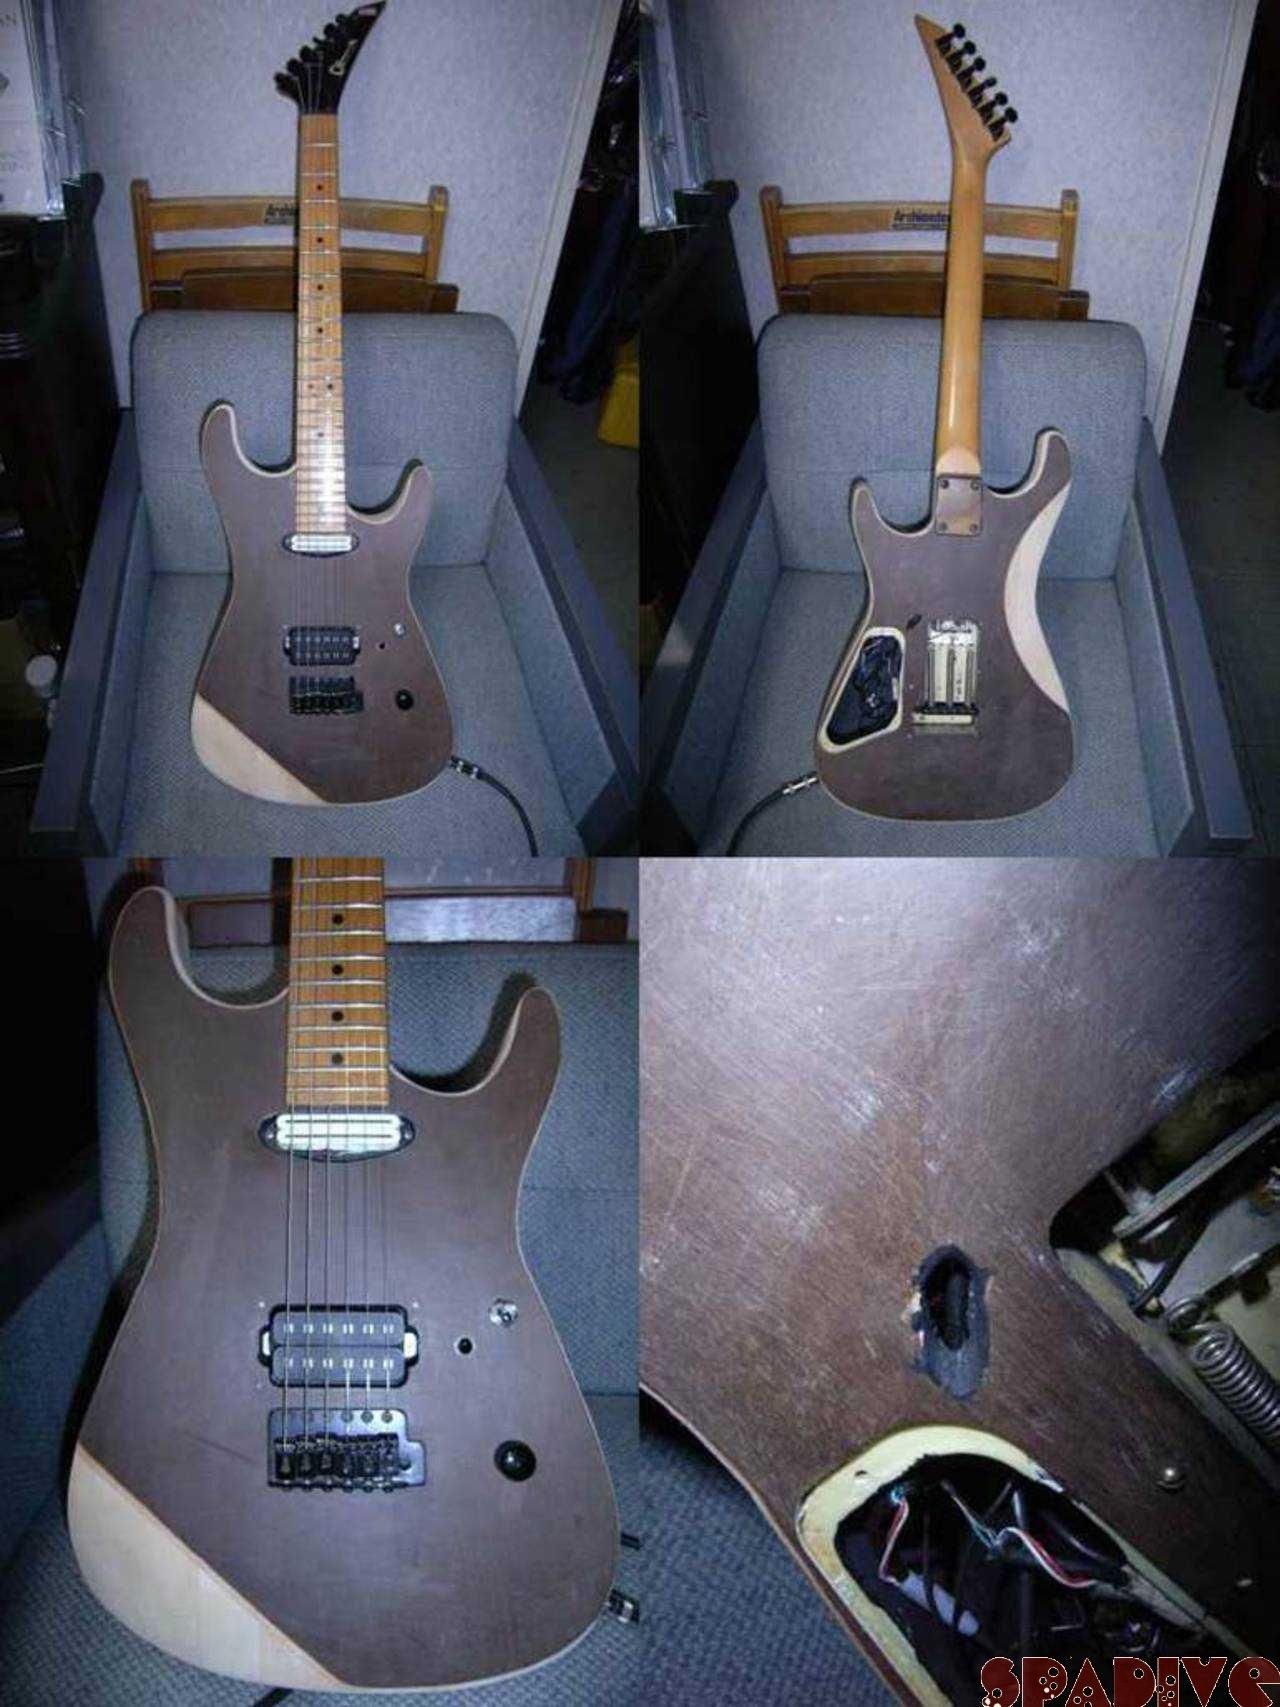 シャーベル/CHARVELストラトギターのボディー改造その4|3/2/2007